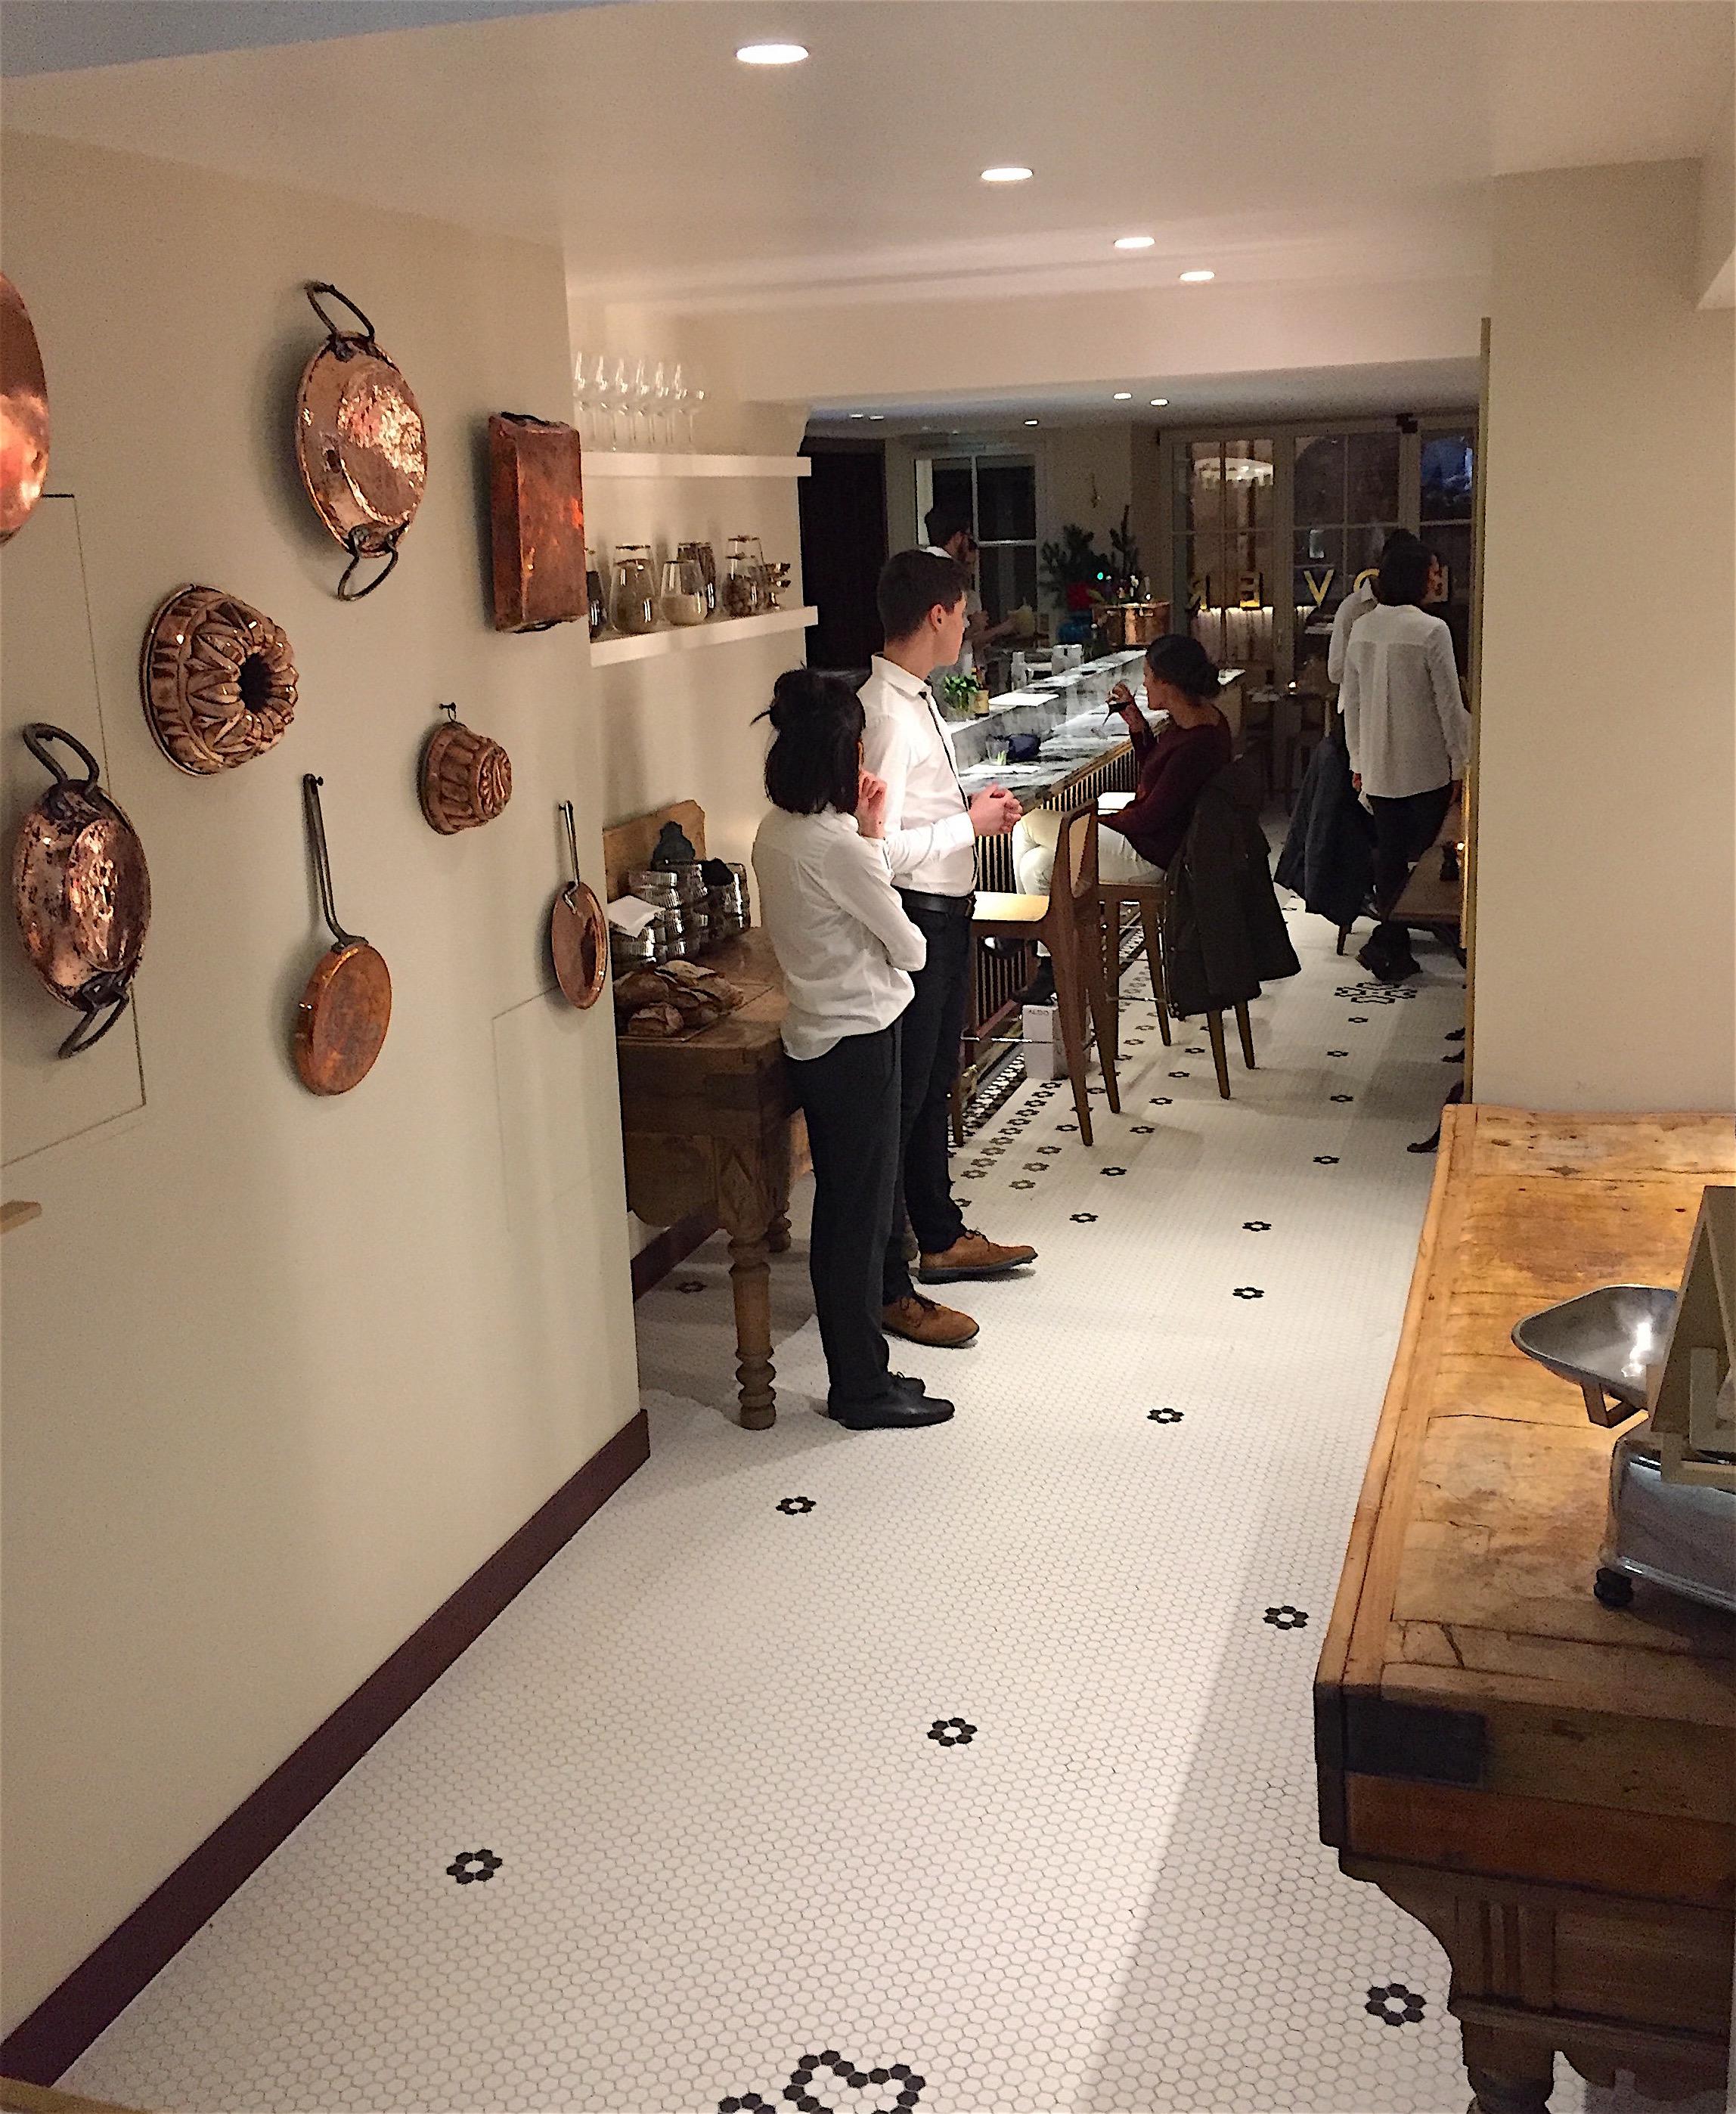 Clover Grill - Dining room @Alexander Lobrano